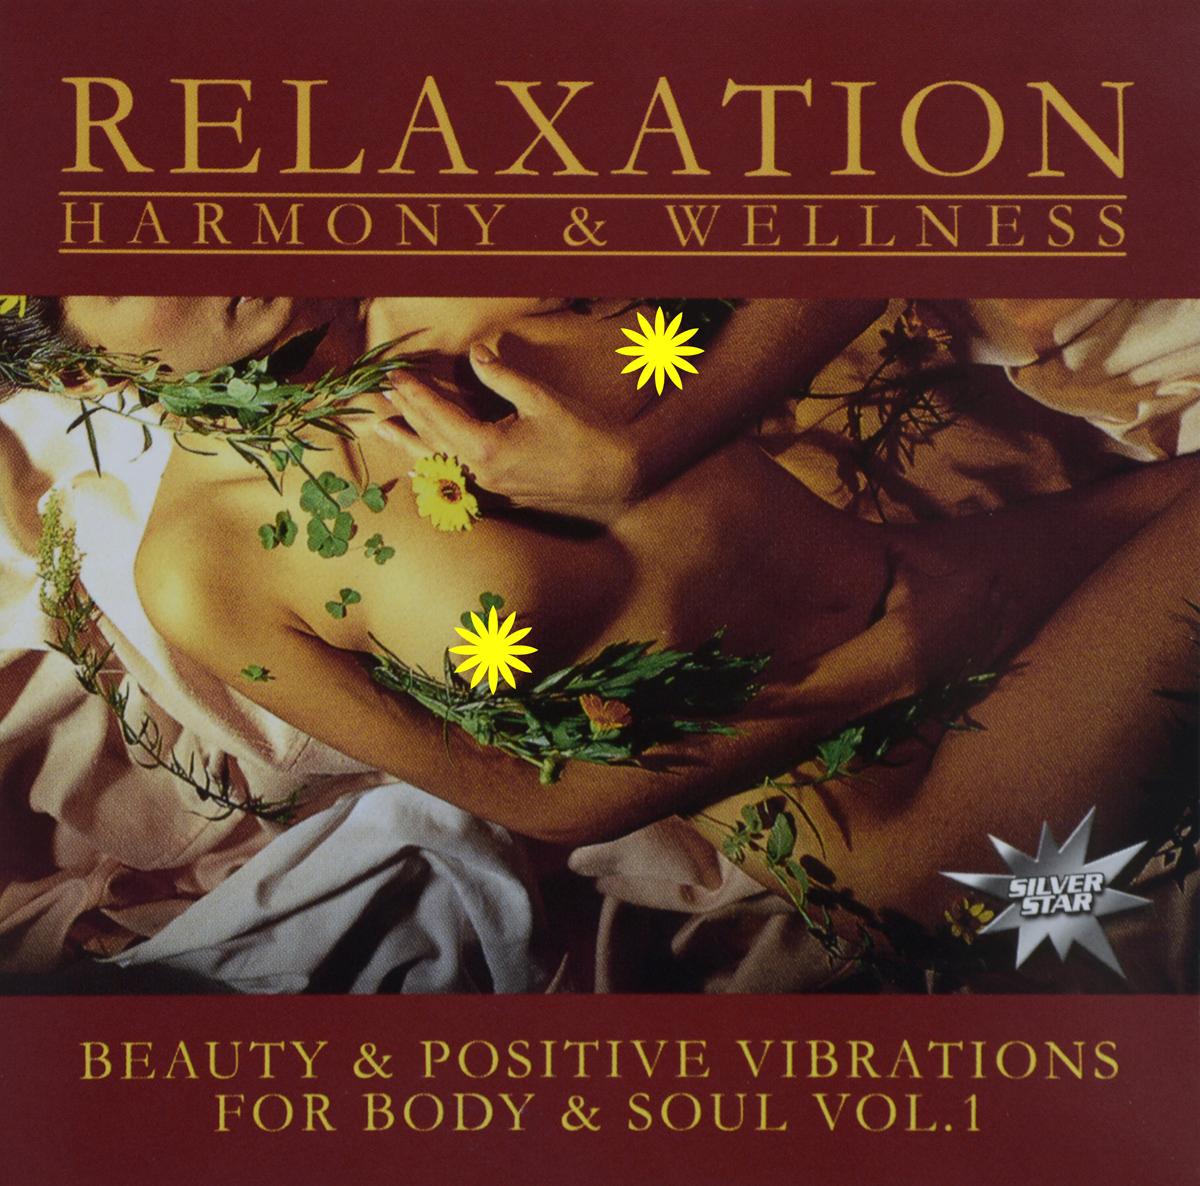 Body & Soul. Vol. 1 freestyle vol 31